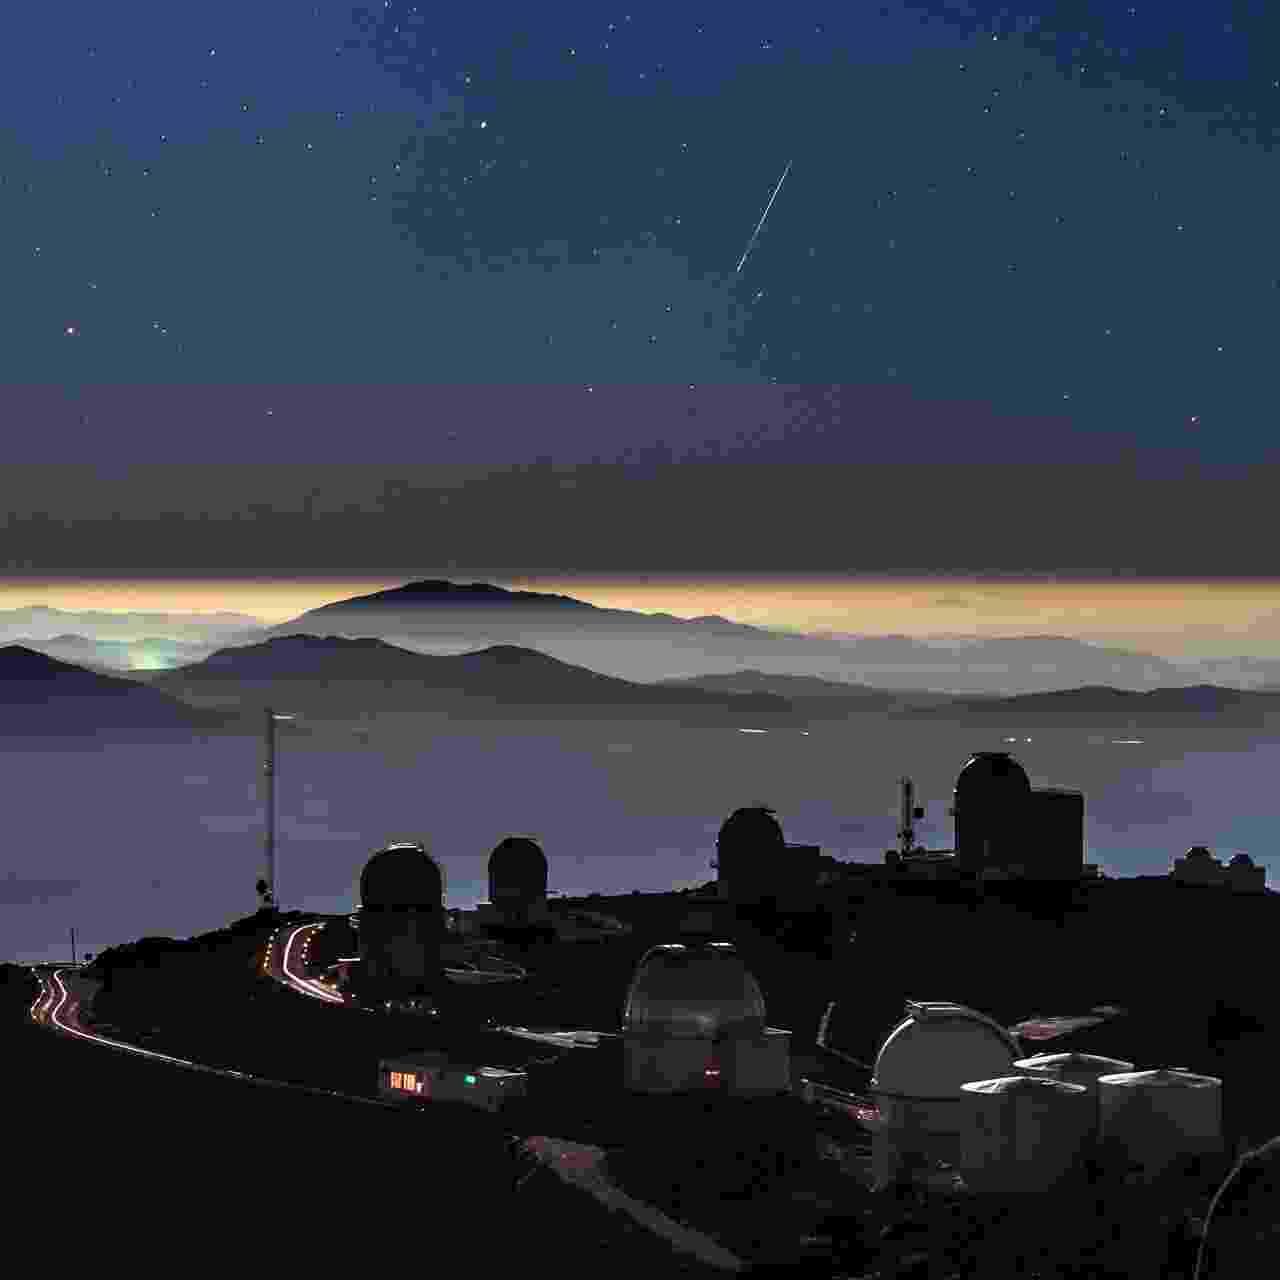 11.jan.2016 - Um meteoro foi registrado em uma foto no observatório La Silla, da ESO (Observatório Europeu do Sul), no deserto do Atacama, Chile. A fotografia impressionou amantes de astronomia por juntar com perfeição imagens do espaço e da Terra, mostrando as estrelas e o rastro de luz esverdeado do meteoro Geminid, além de montanhas e as cúpulas do observatório. O ESO afirmou que o céu escuro e o ar limpo do Atacama tornam o local ideal para observações astronômicas - B. Tafreshi/ ESO